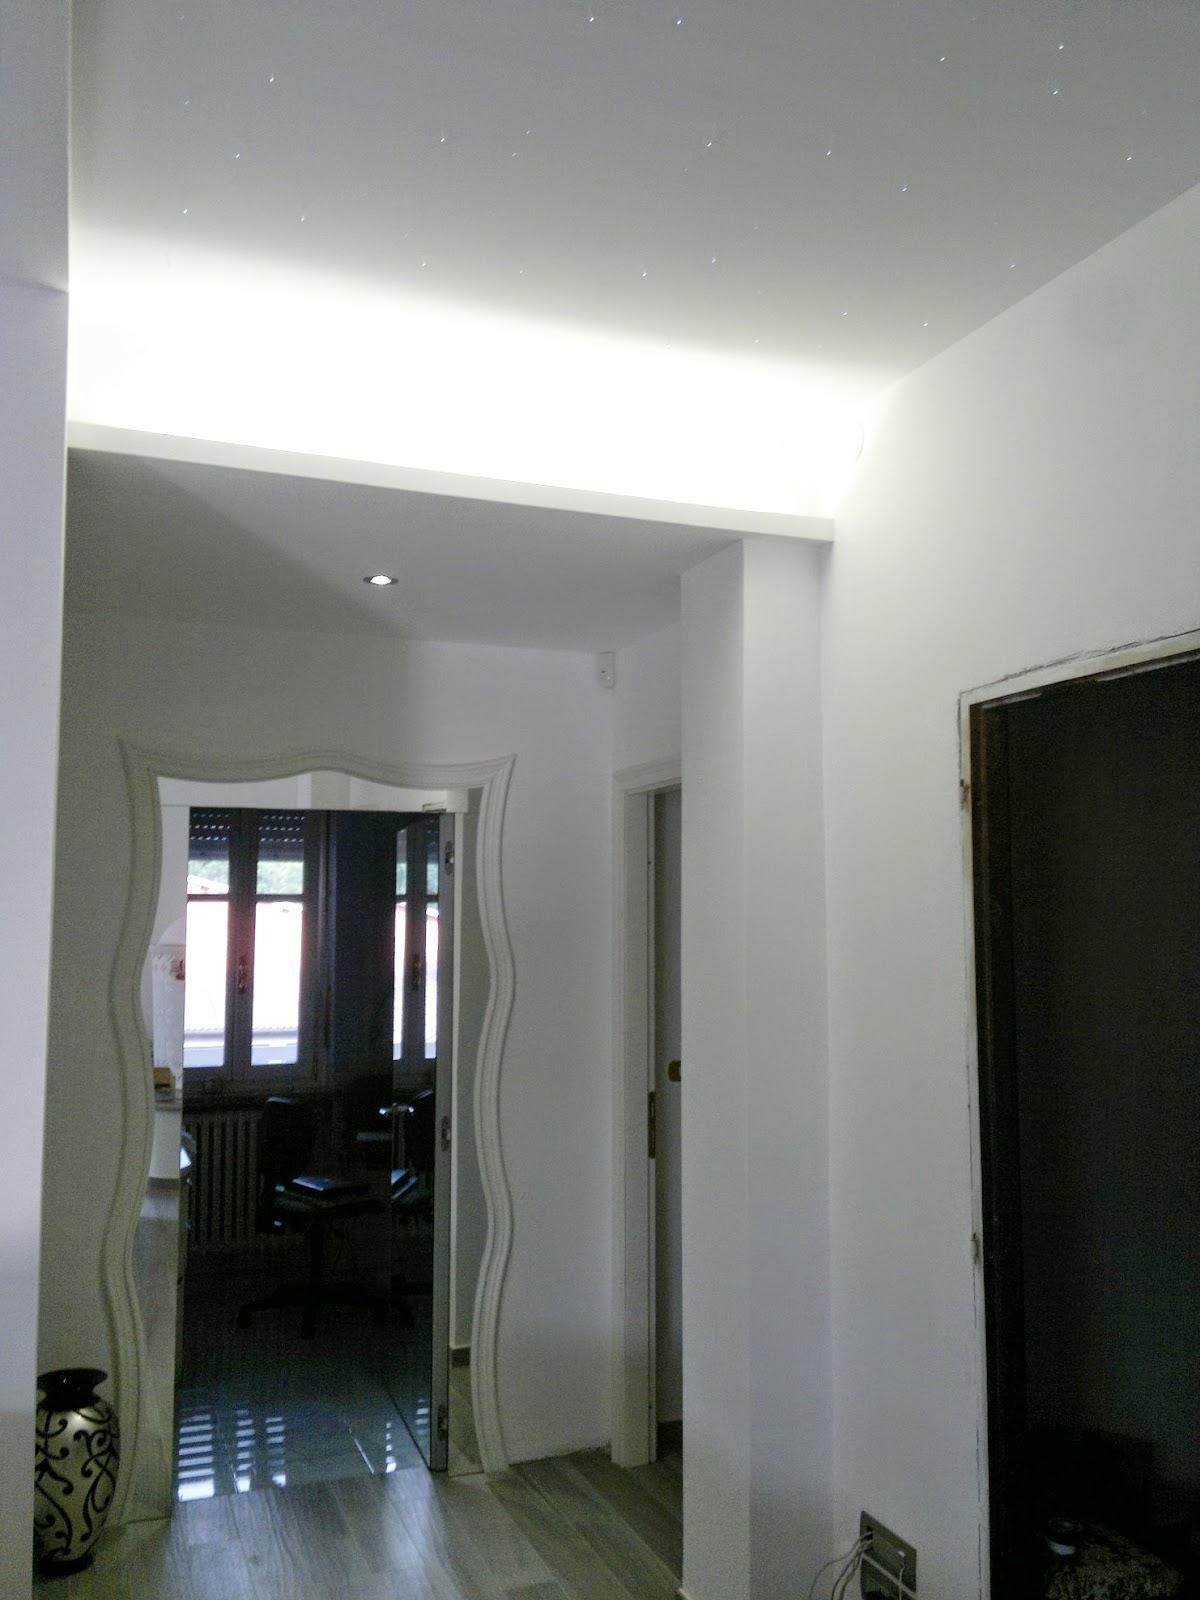 Illuminazione led casa almese ristrutturando una residenza privata - Illuminazione ingresso casa ...